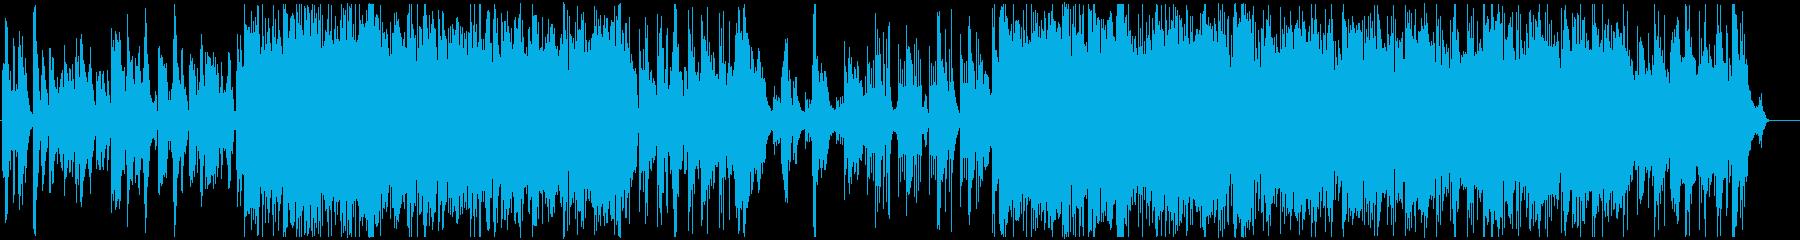 ゆったり可愛いエレクトロニカポップの再生済みの波形